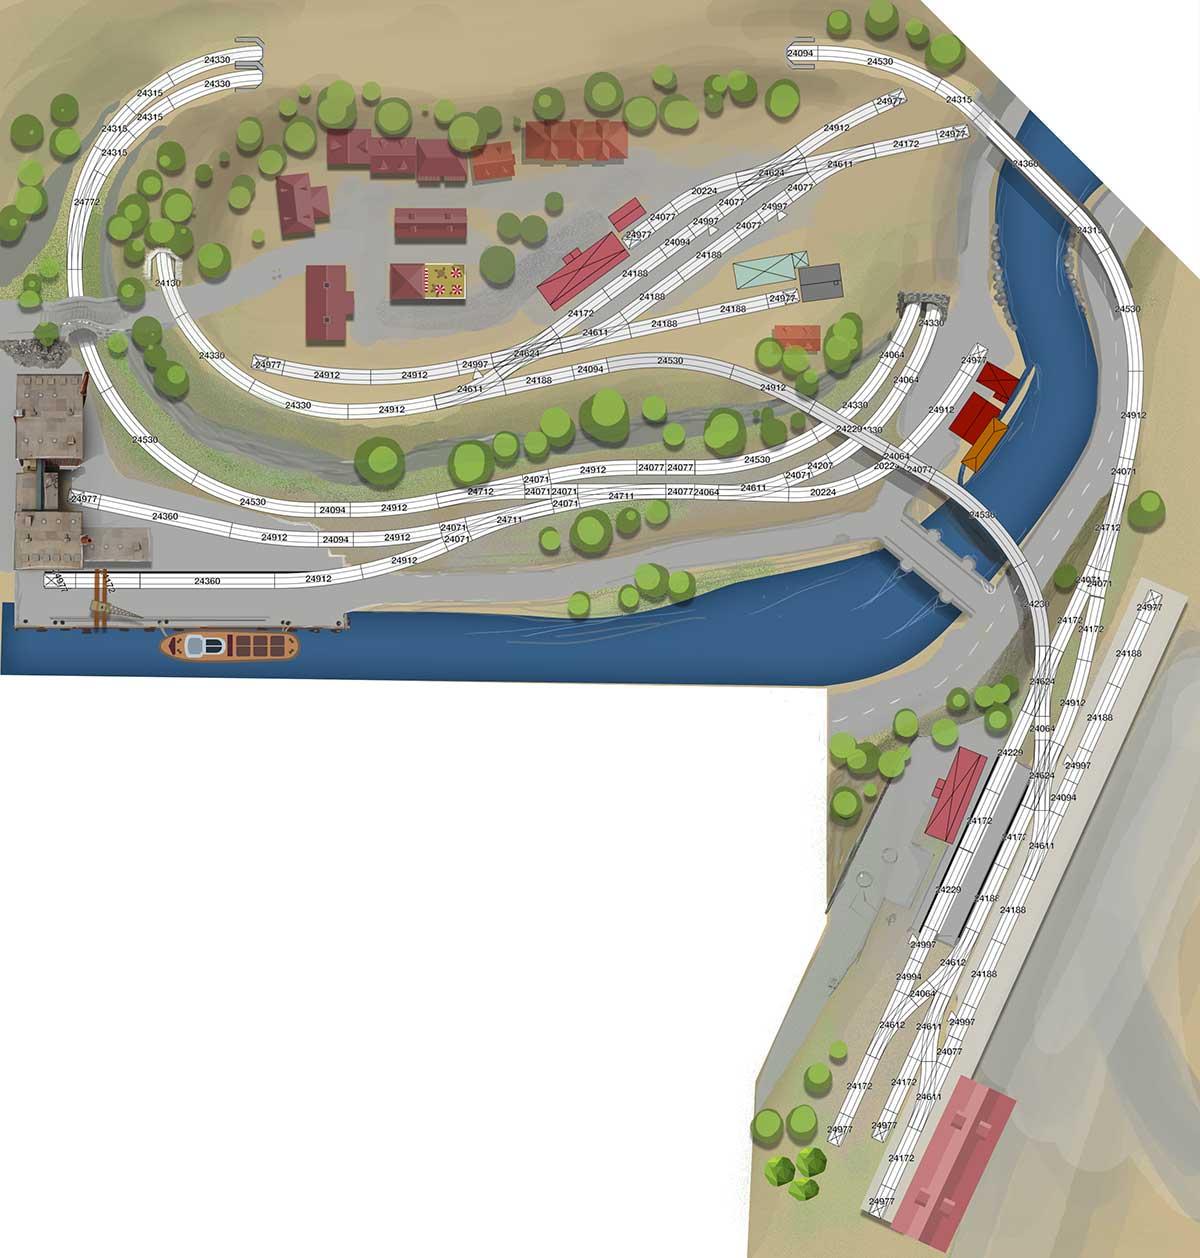 Gleisplan Leben am Fluss mit 2 Bahnhöfen, Industrie und Stadt